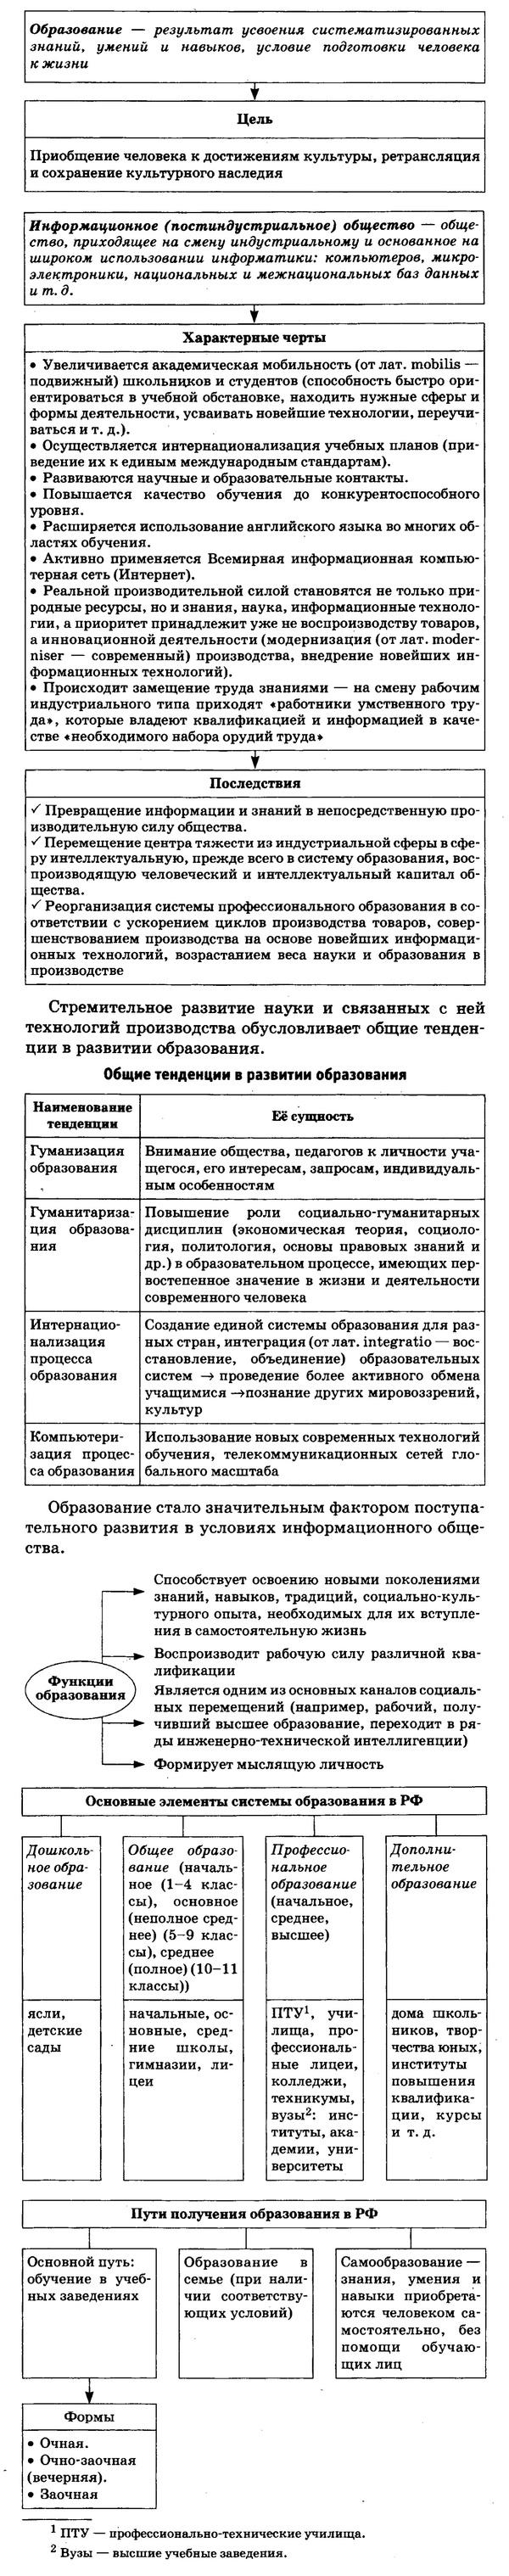 Образование и его значимость в условиях информационного общества. Возможности получения общего и профессионального образования в Российской Федерации